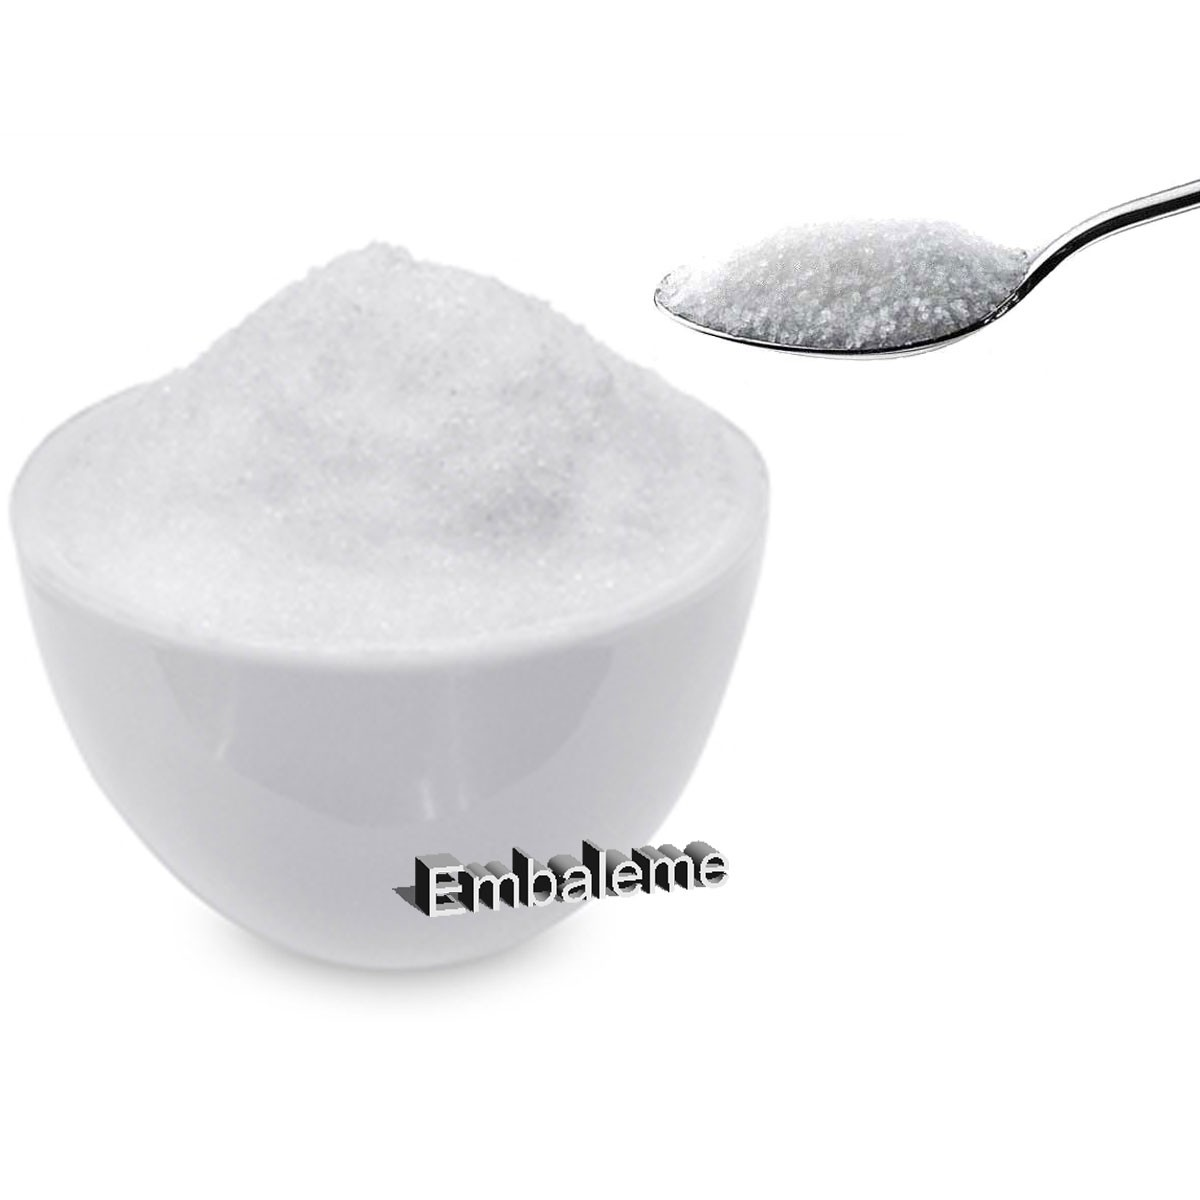 Xylitol Adoçante Xilitol Natural Refinado 250g